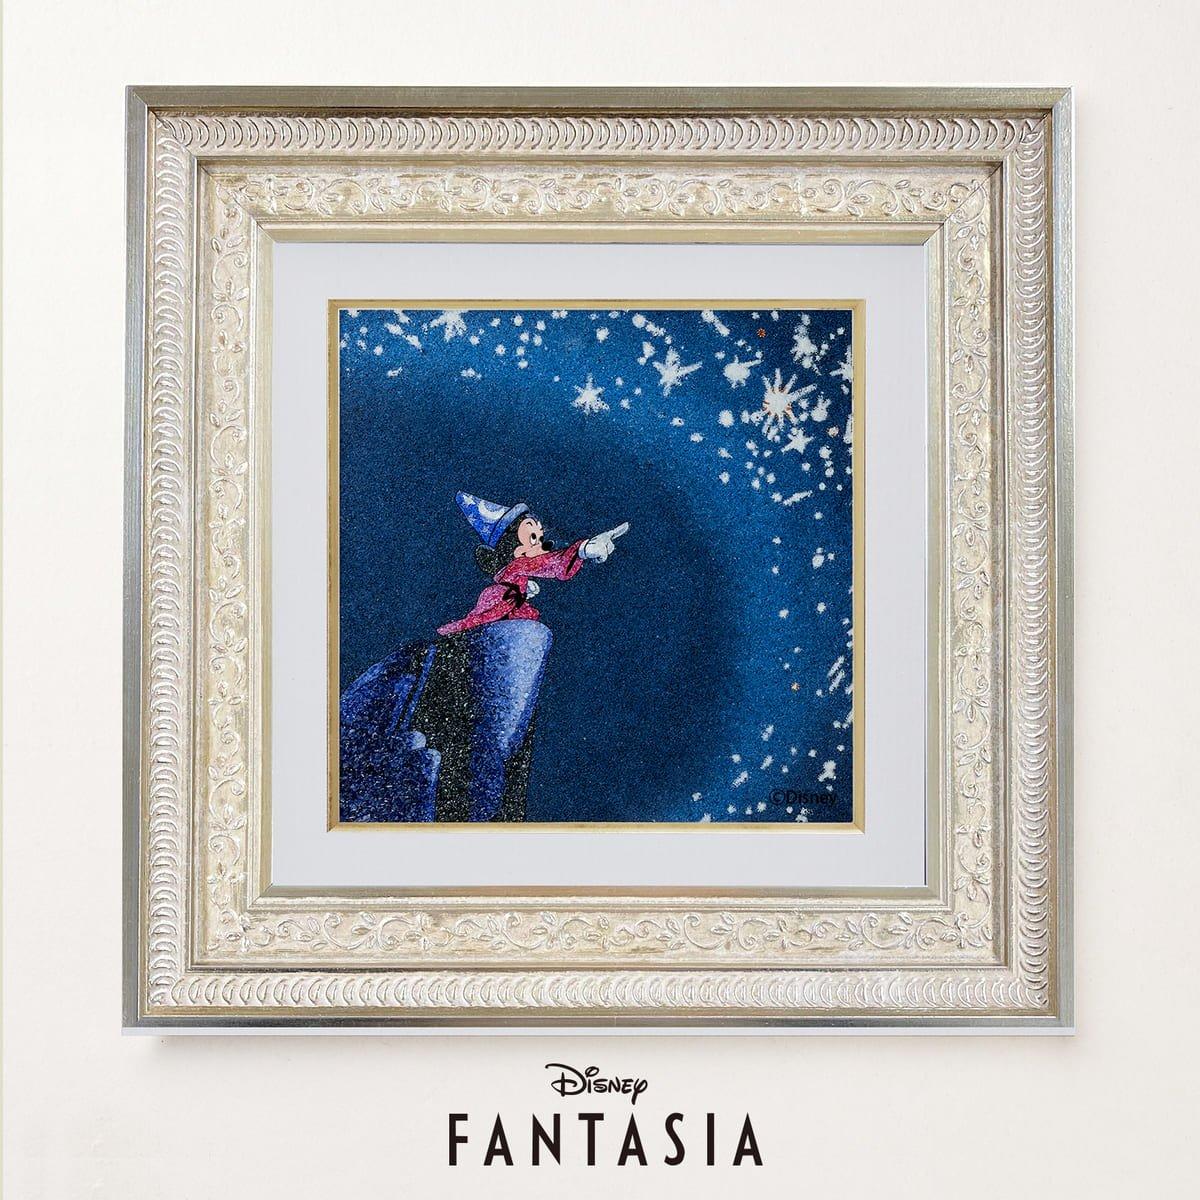 ライセンス商品からもショップディズニーのアニバーサリーにふさわしいゴージャスなジュエリー絵画が登場